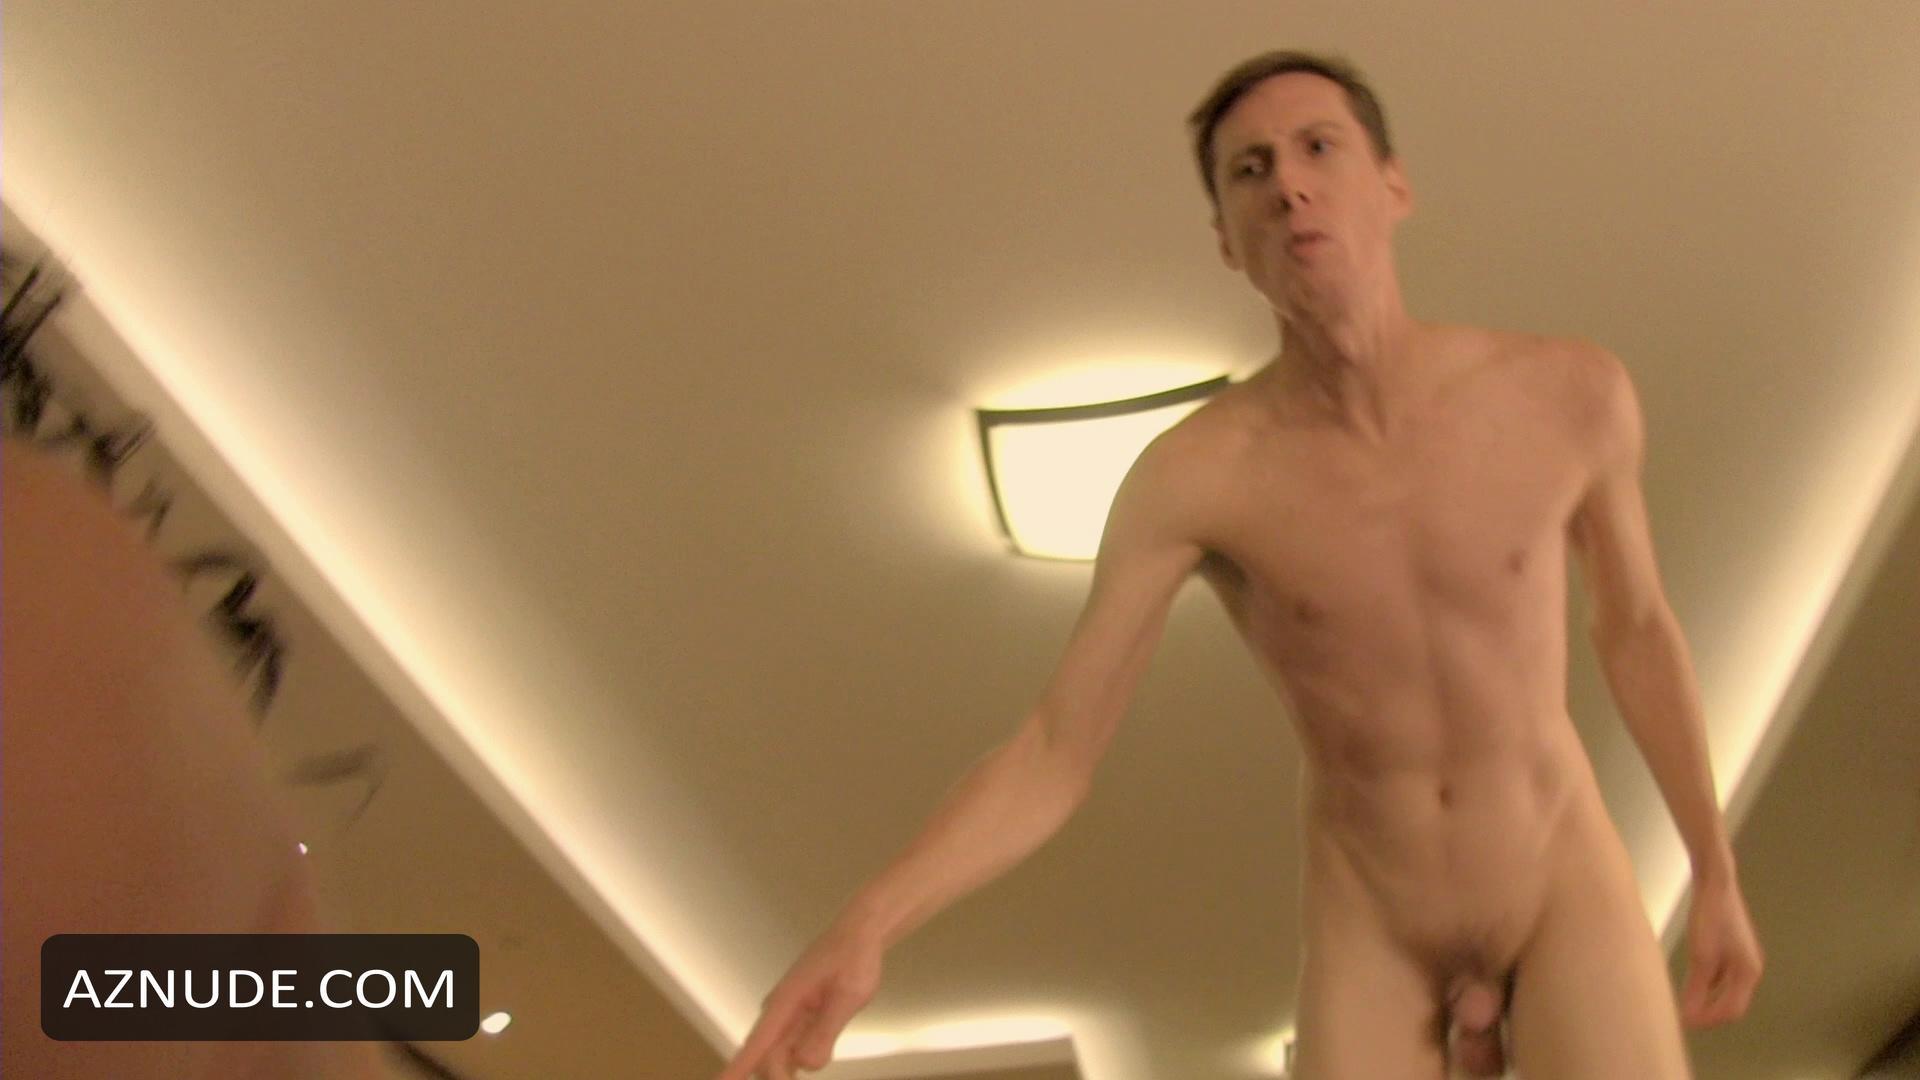 Best Night Ever Nude Scenes - Aznude Men-8658